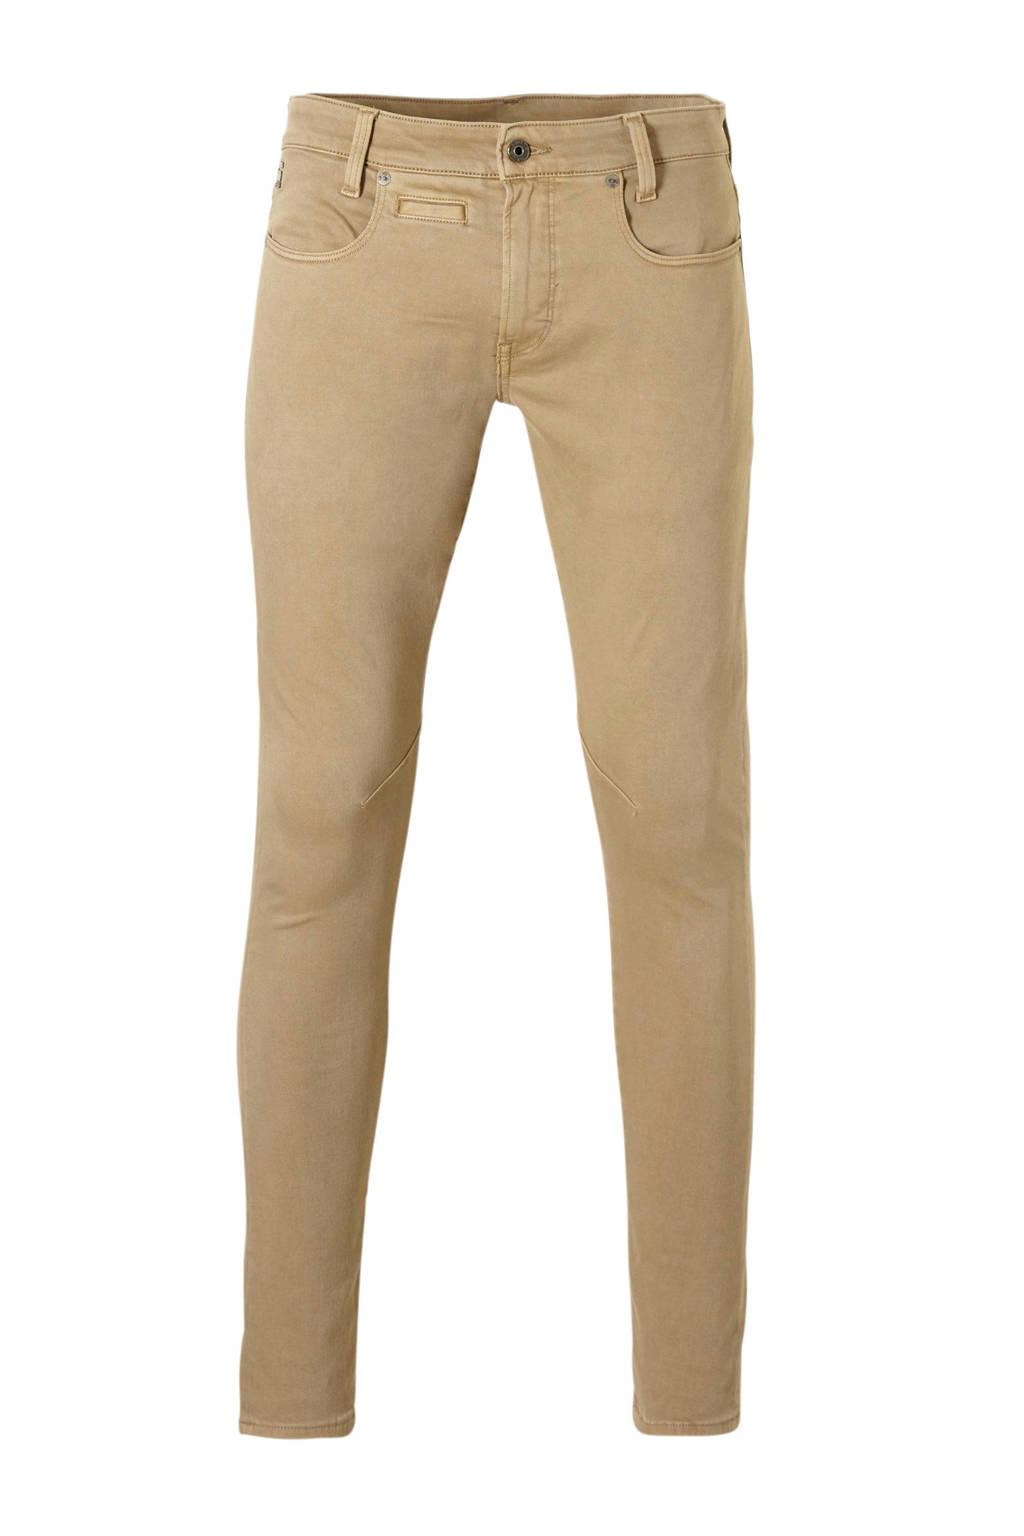 G-Star RAW skinny fit jeans D-Staq, Beige